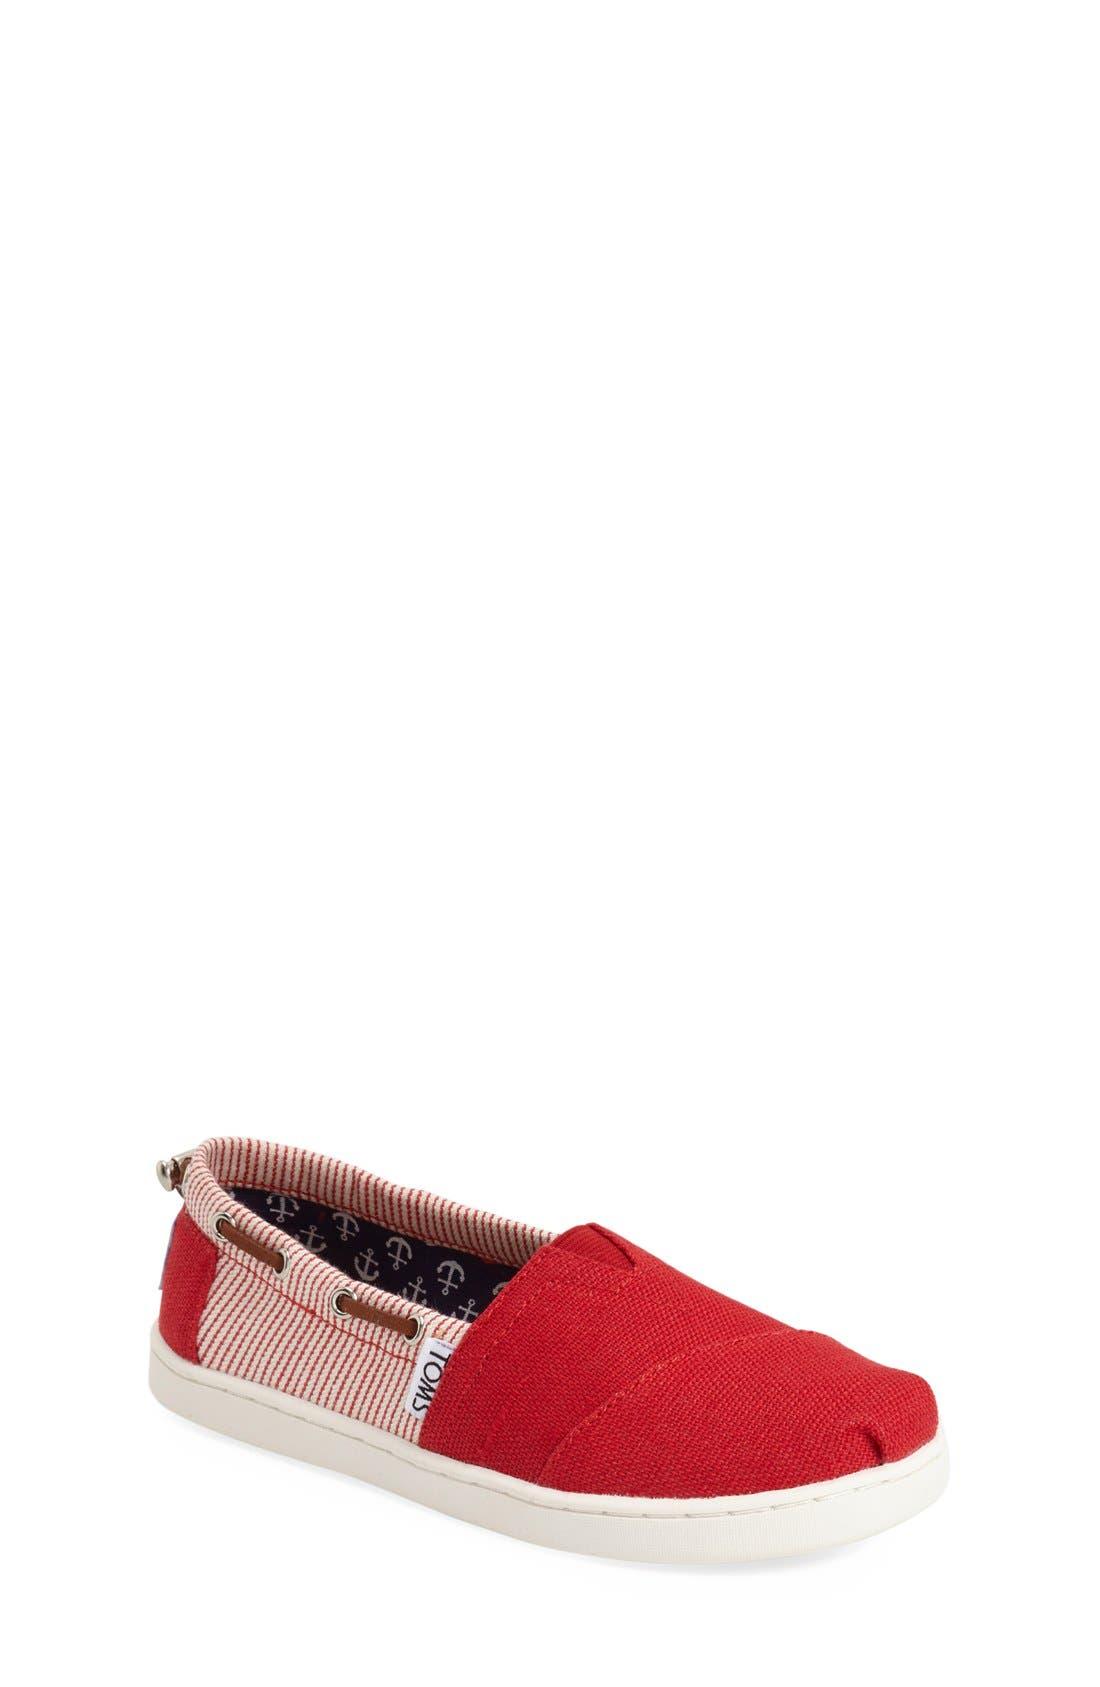 'Bimini' Print Slip-On,                             Main thumbnail 1, color,                             MEDIUM RED